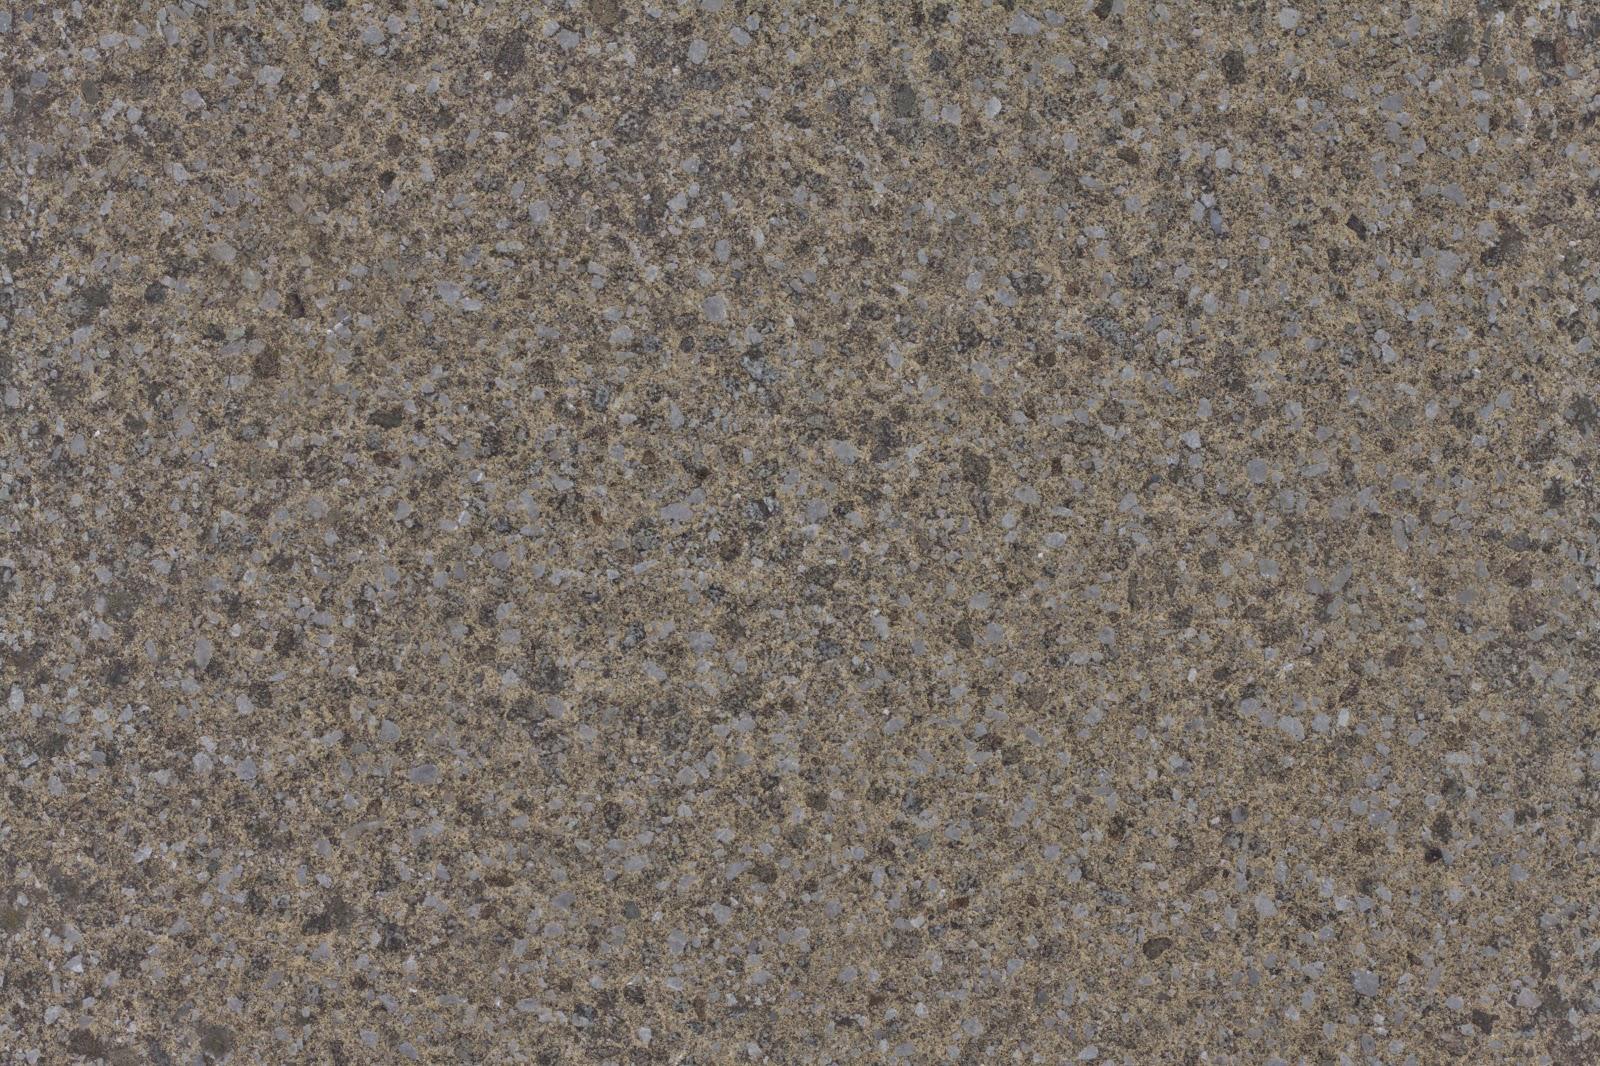 Concrete ground floor walkway pathway texture ver 4